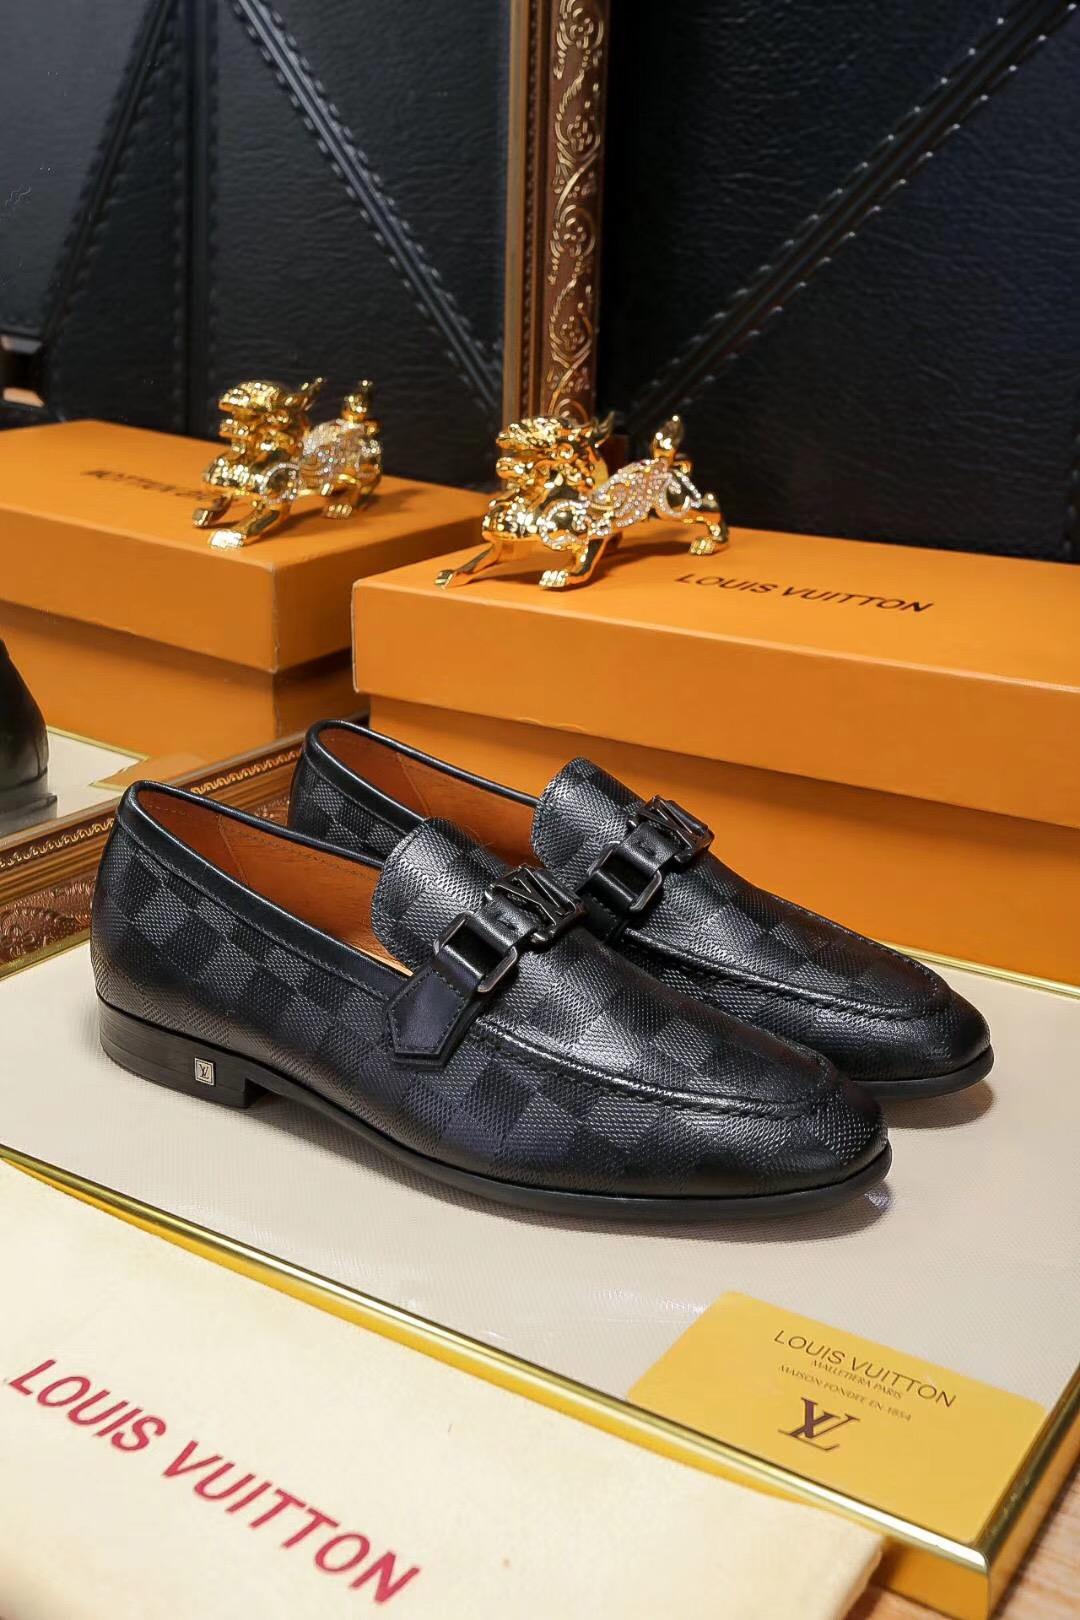 给大家说说巴黎世家鞋不为人知的,给大家普及一下吧